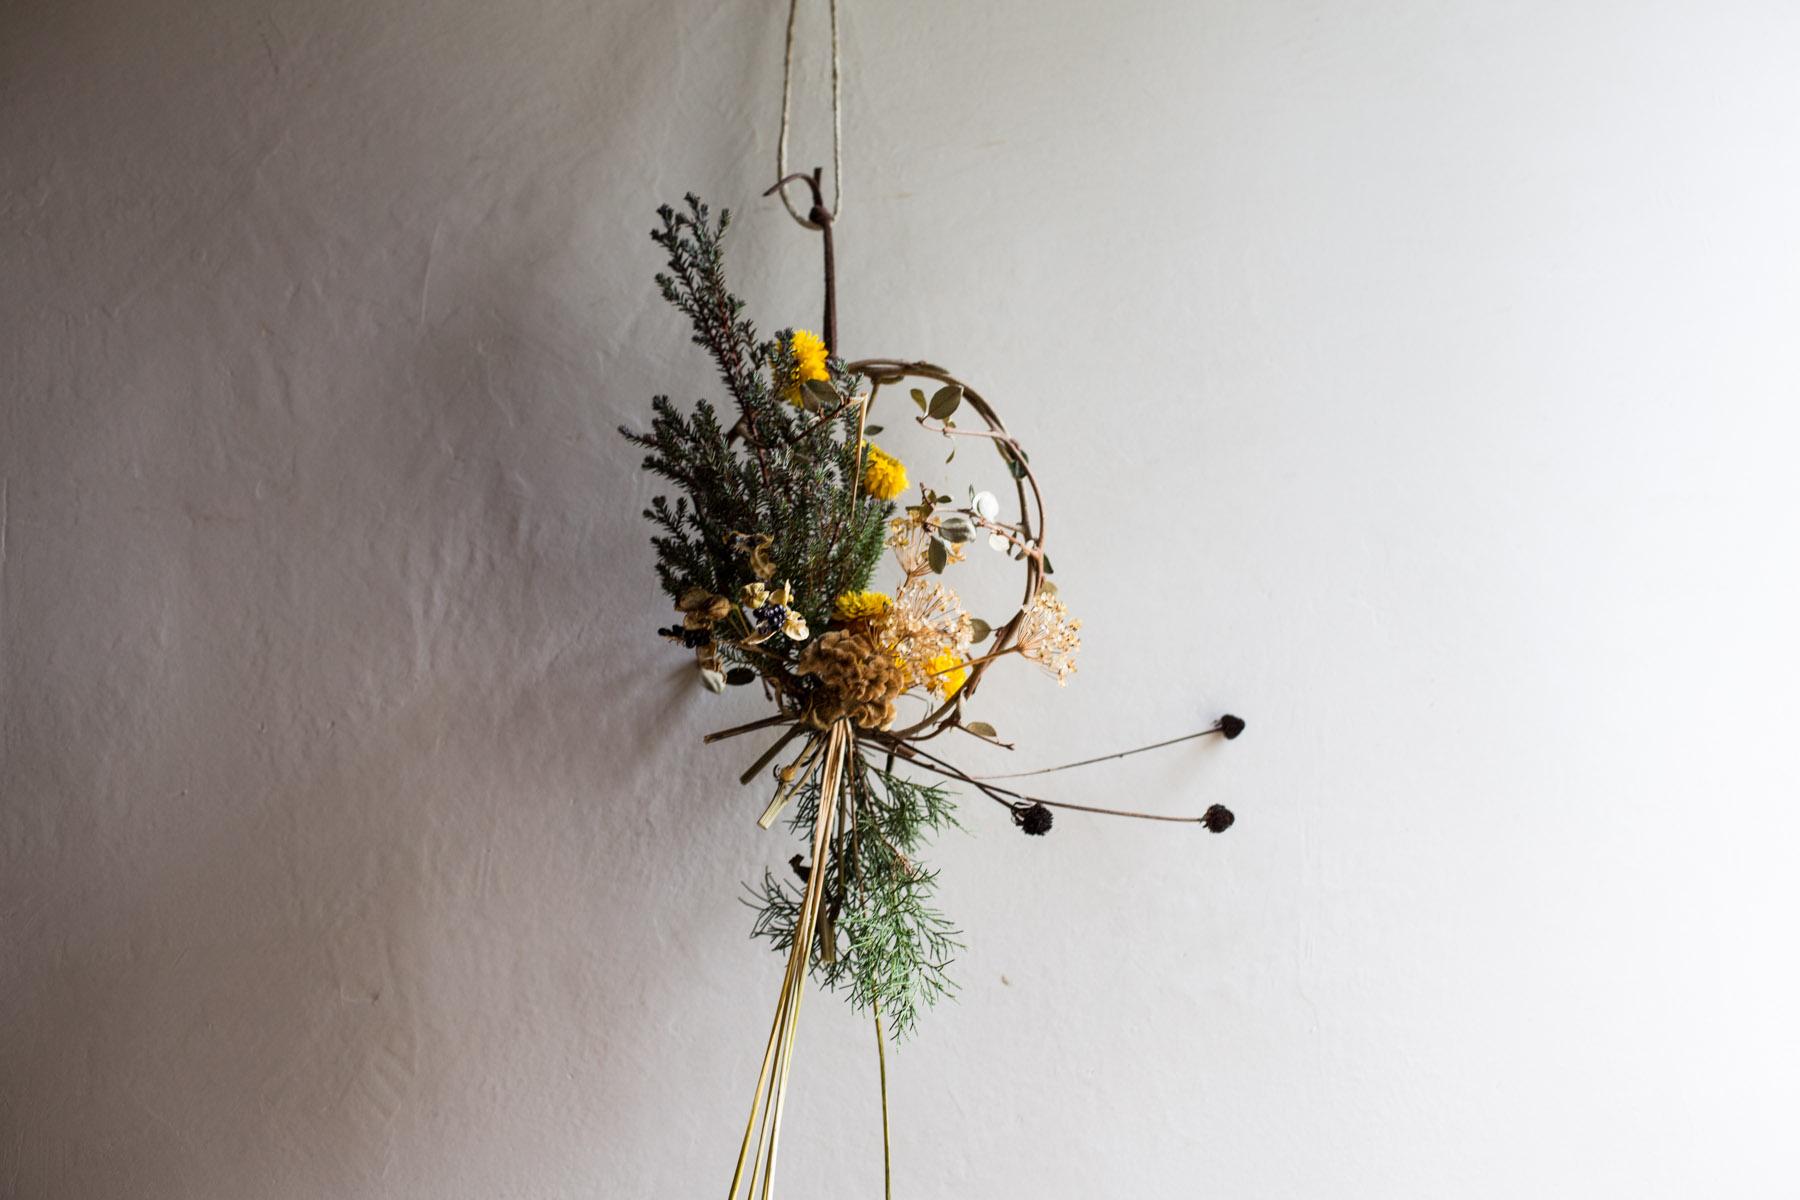 RA_dried wreaths-201612076646.jpg